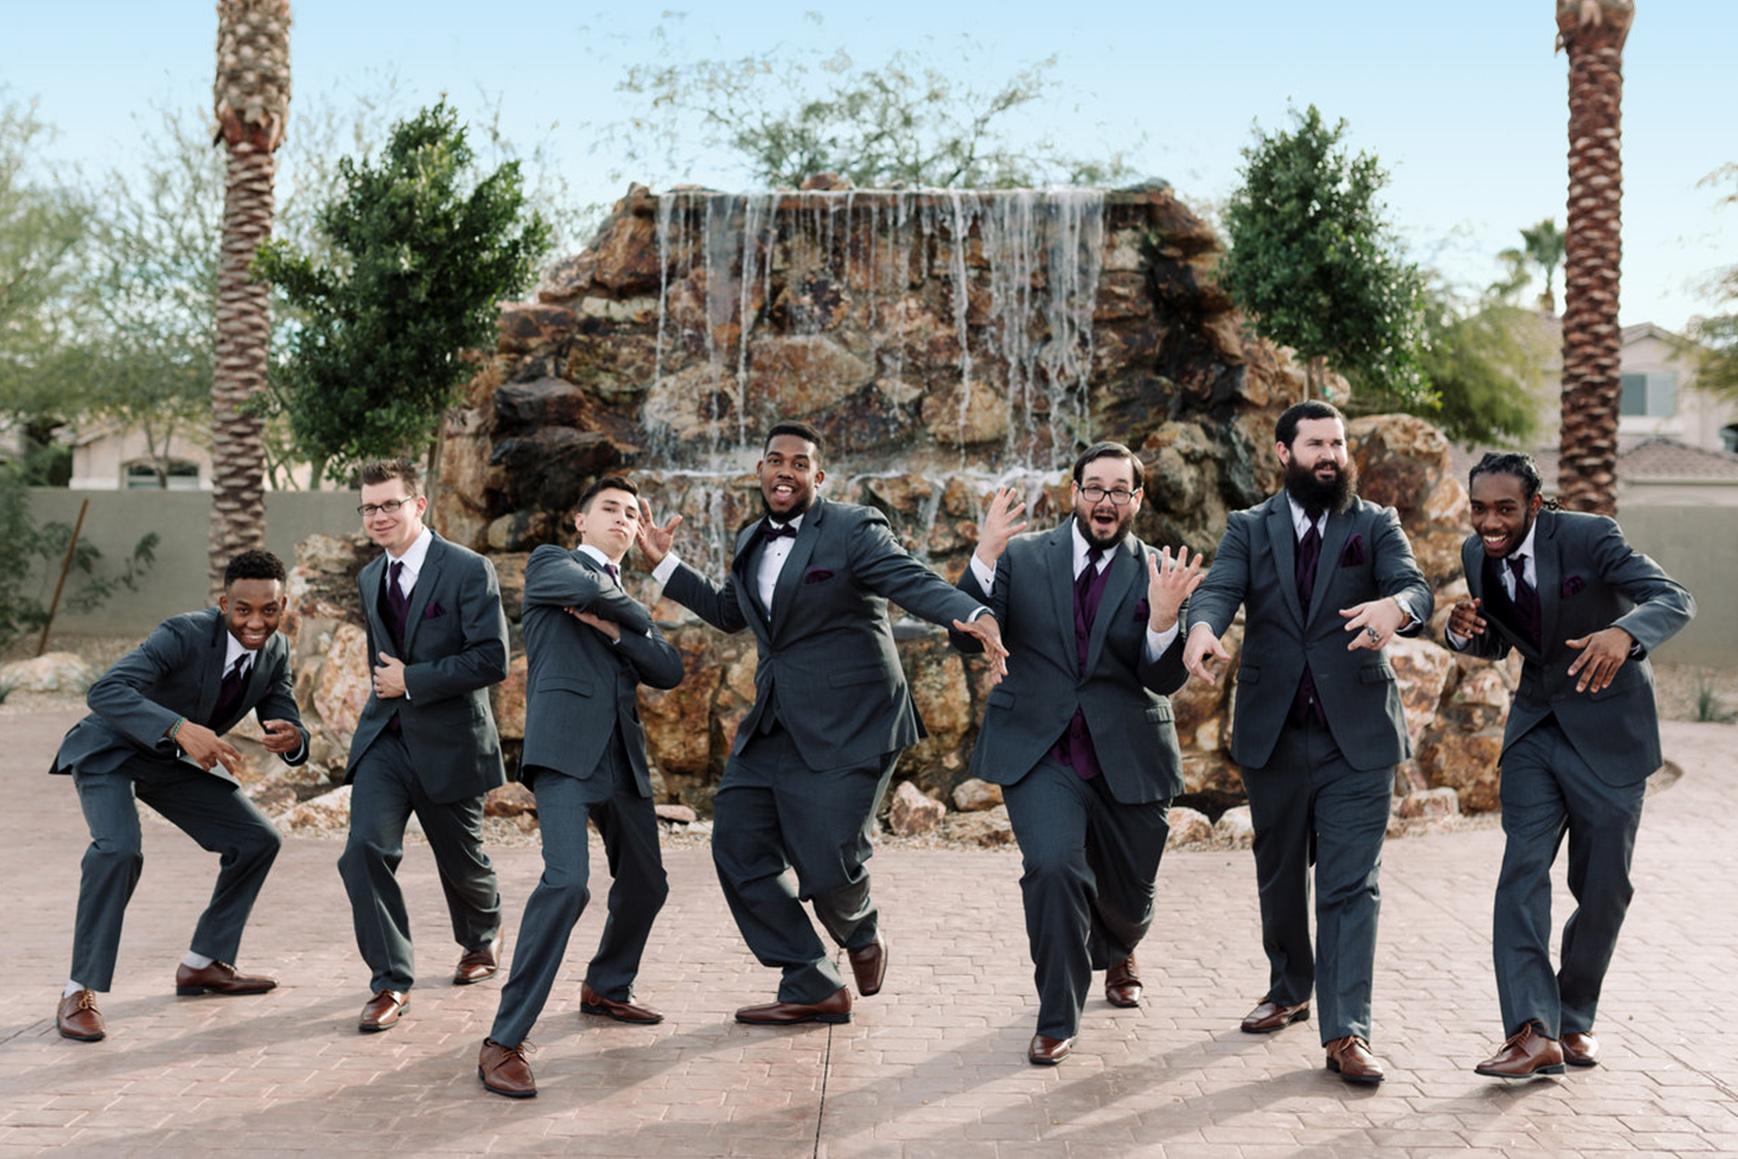 Groomsmen - Colby Falls - Gilbert, Arizona - Maricopa County - Wedgewood Weddings